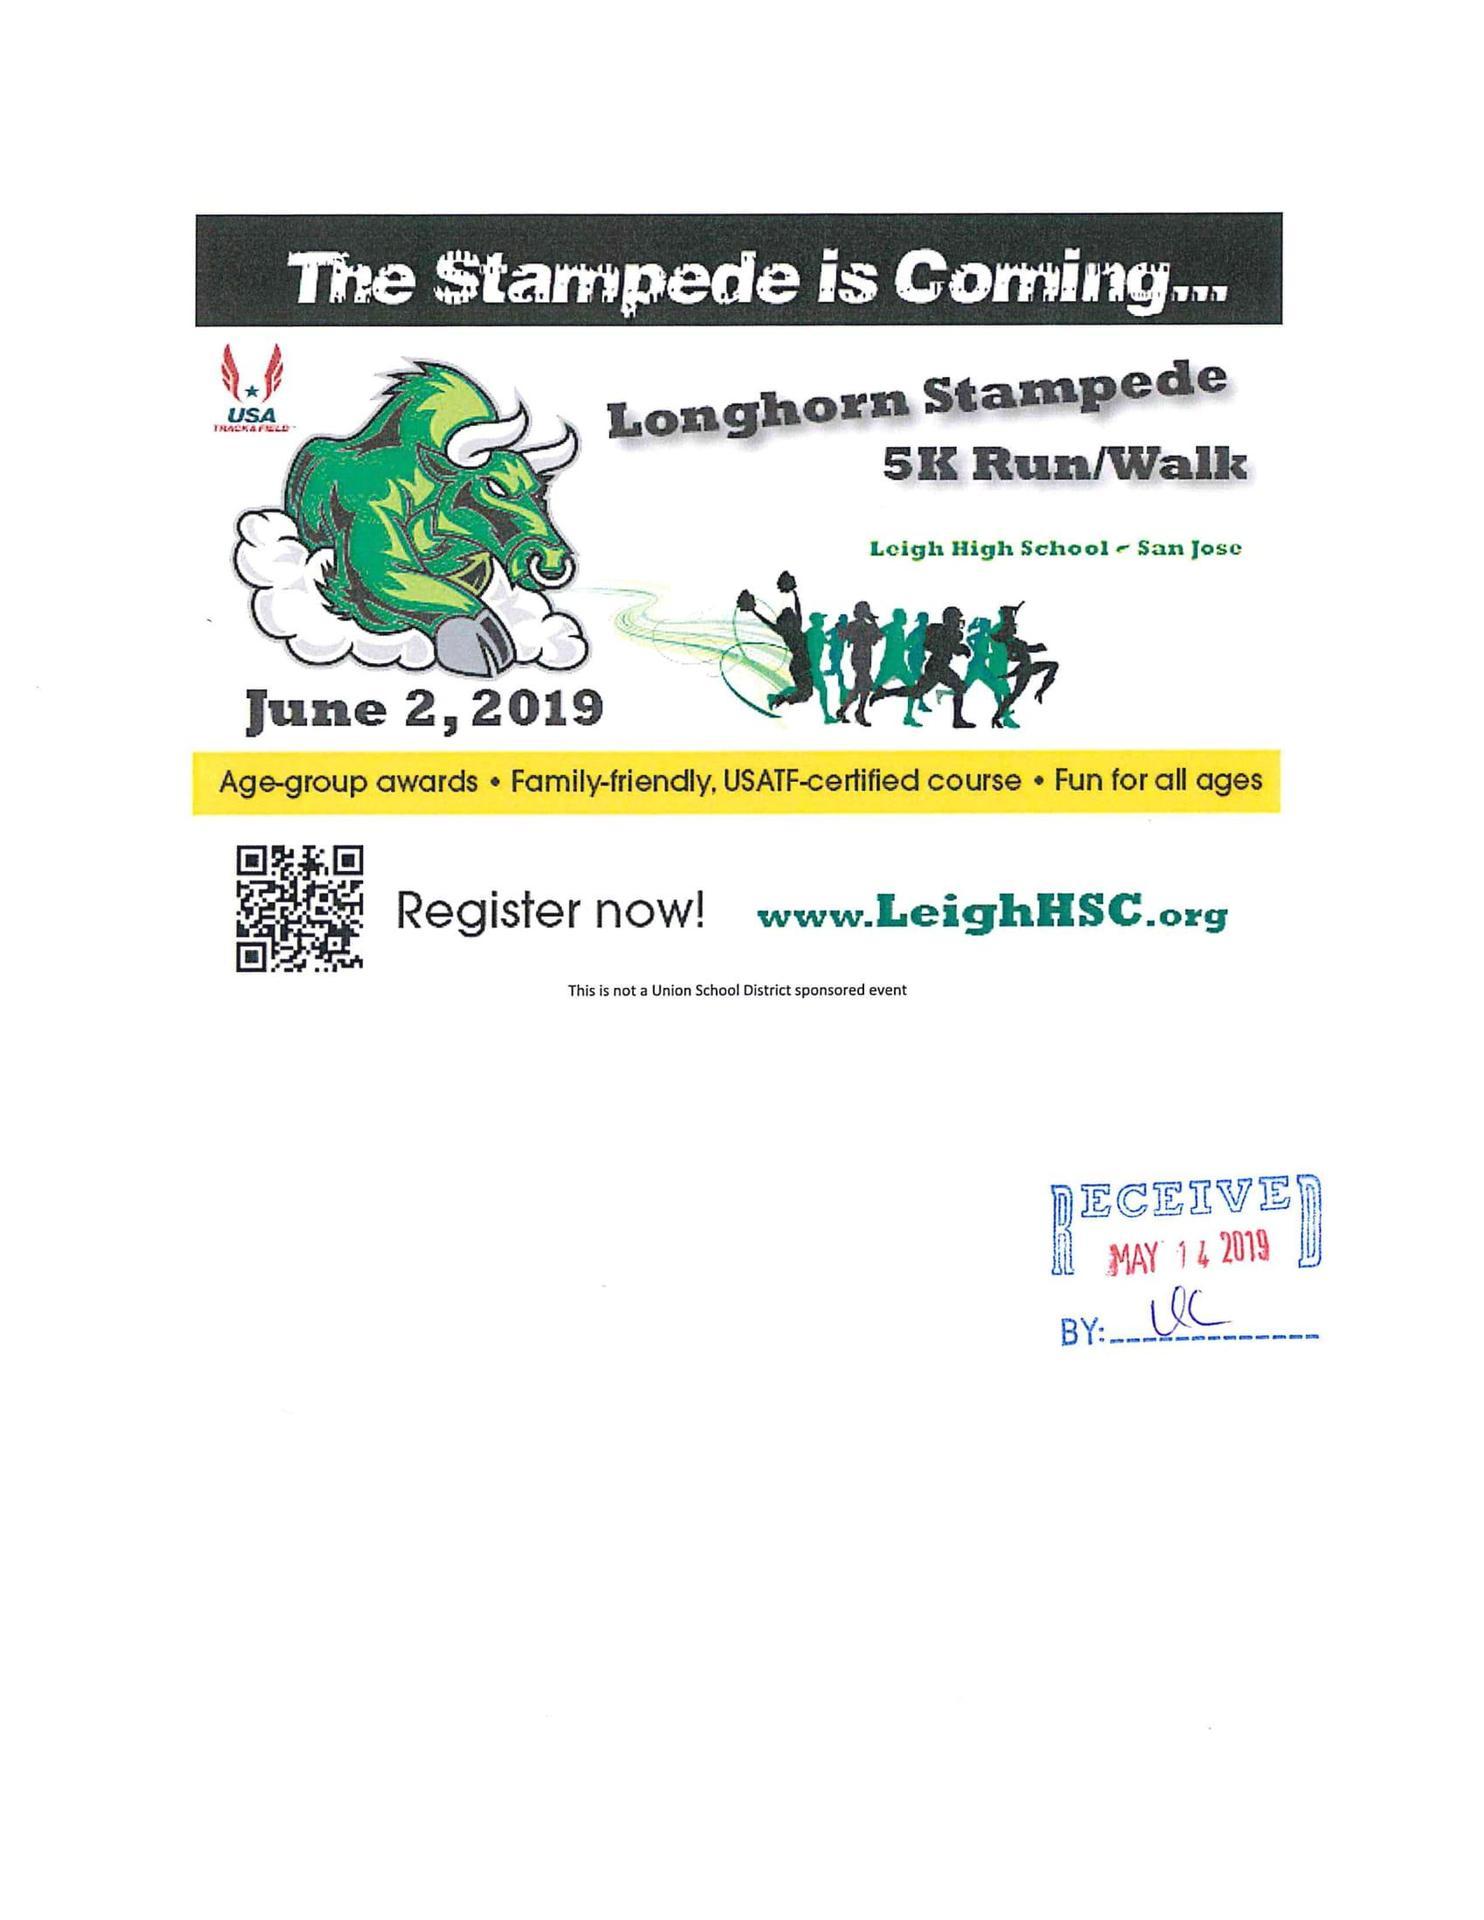 Longhorn Stampede 5K Run